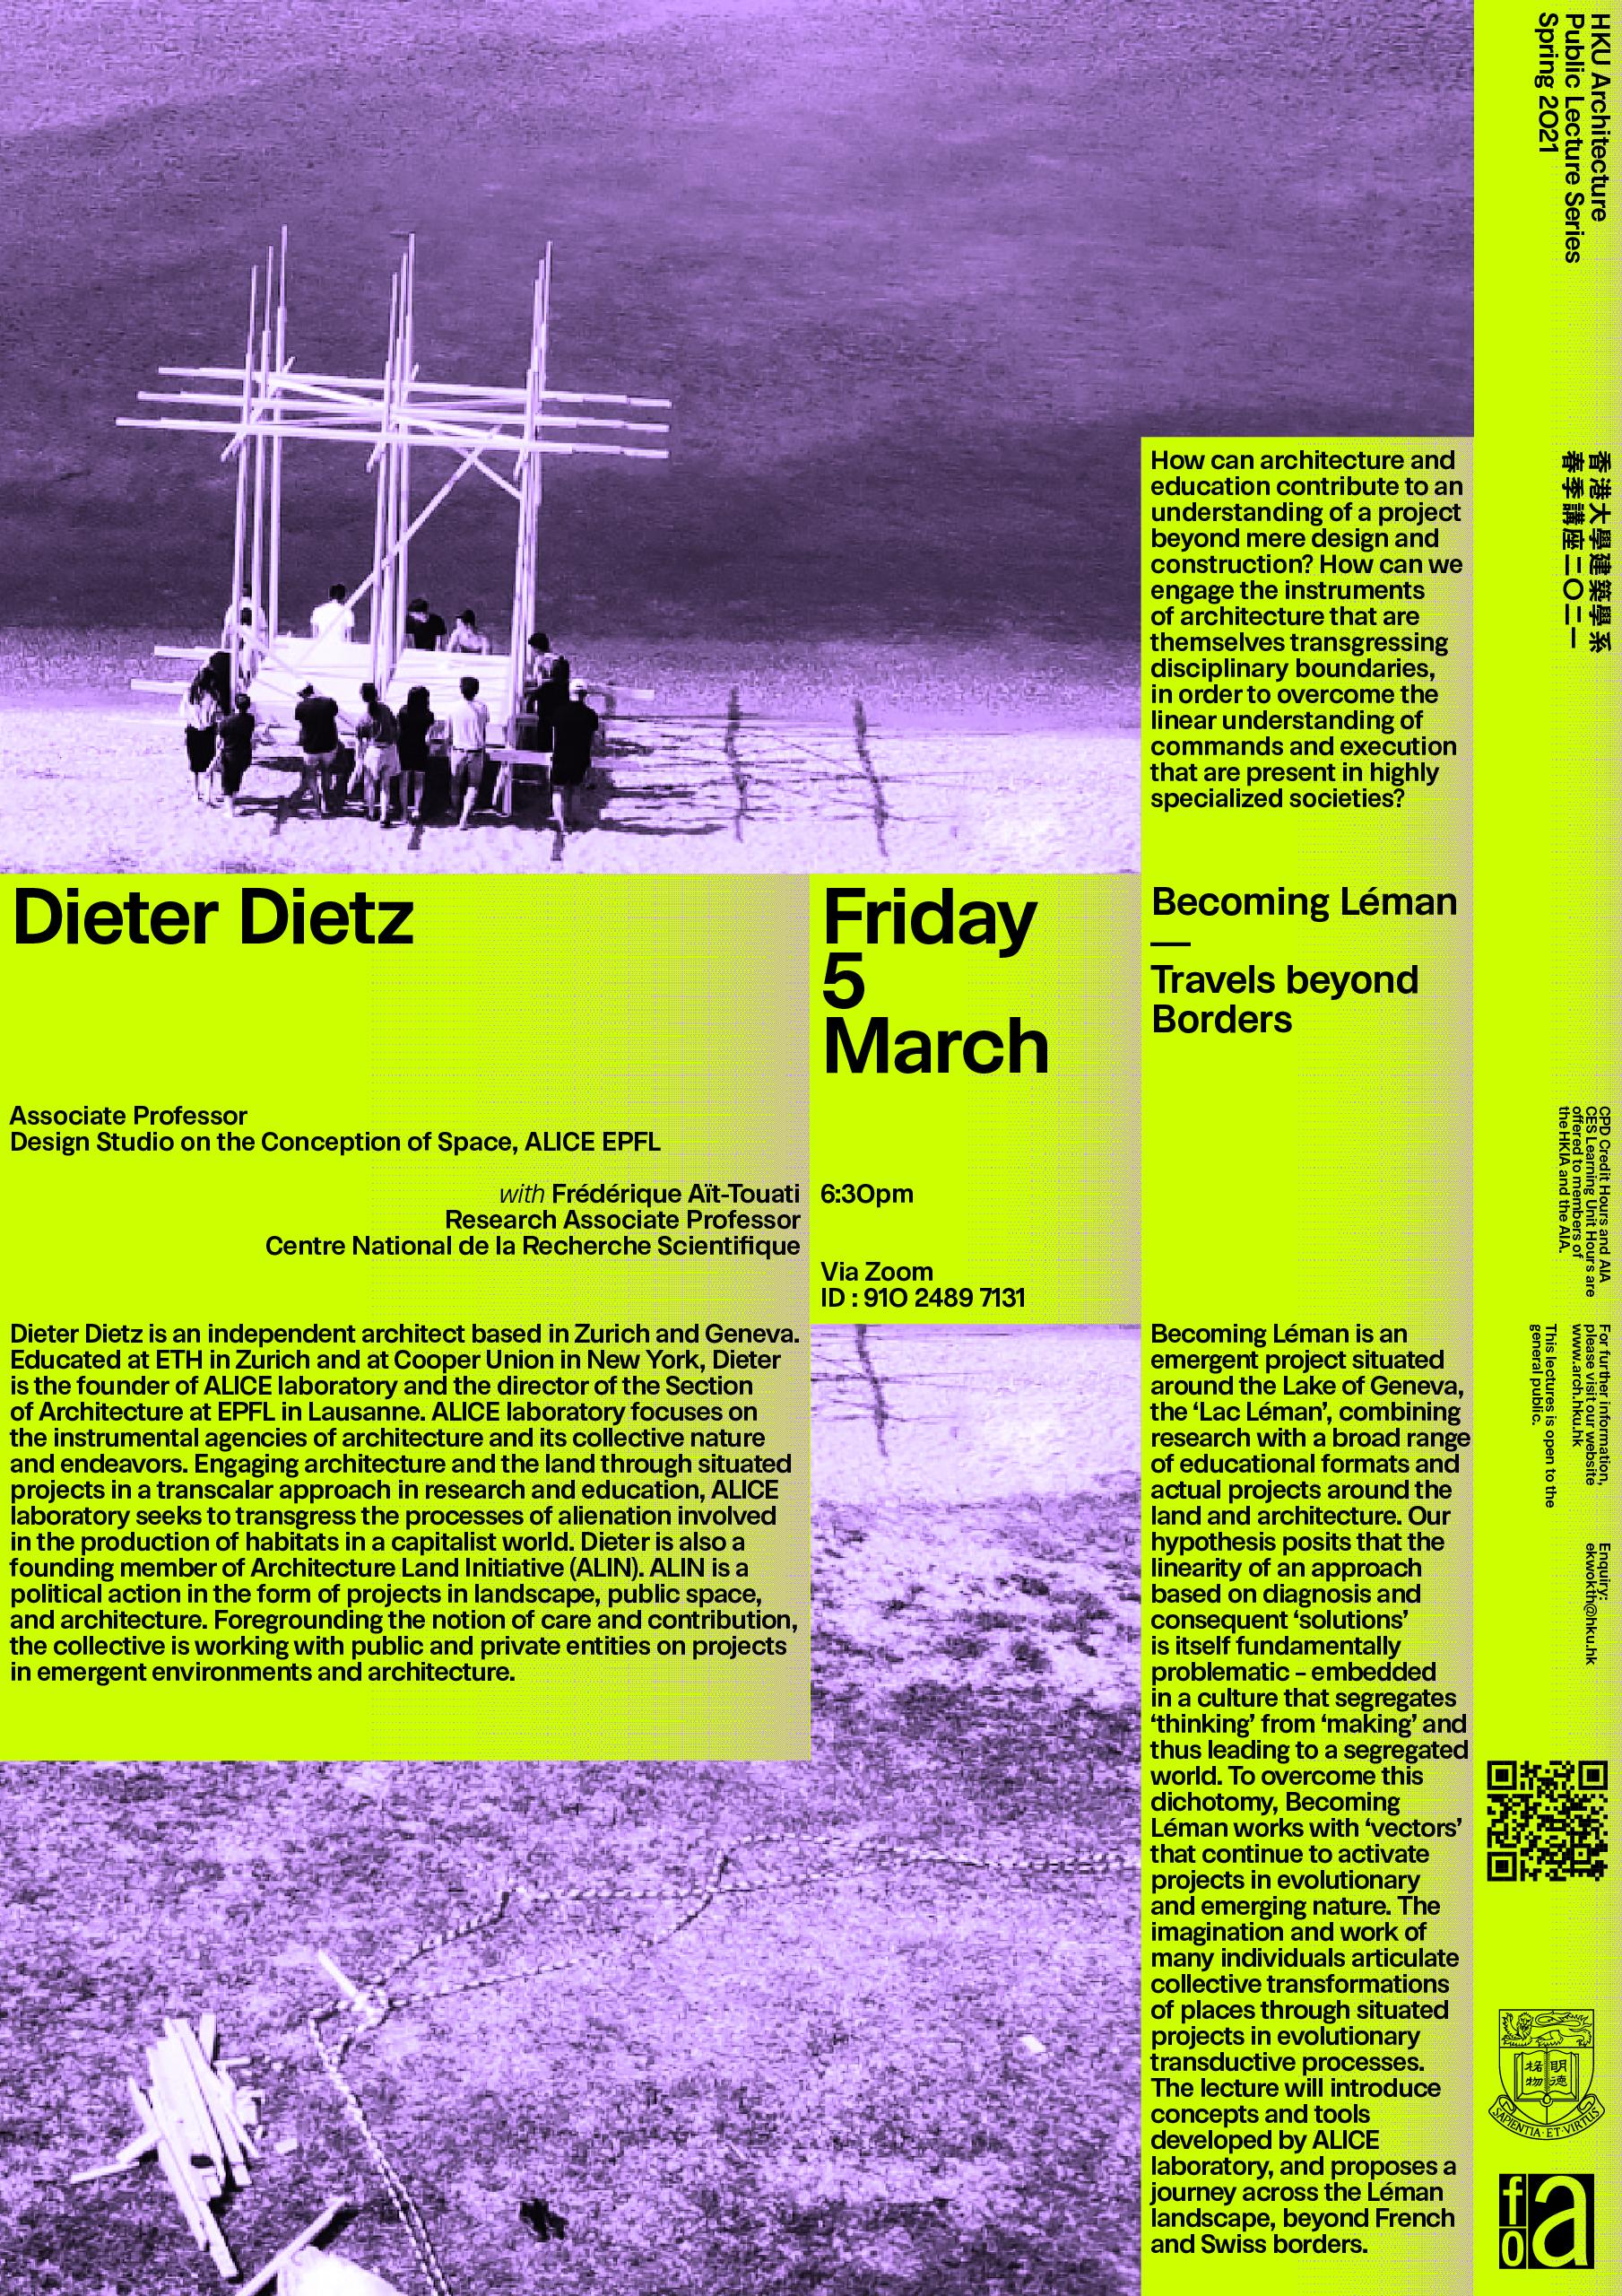 Dieter Dietz